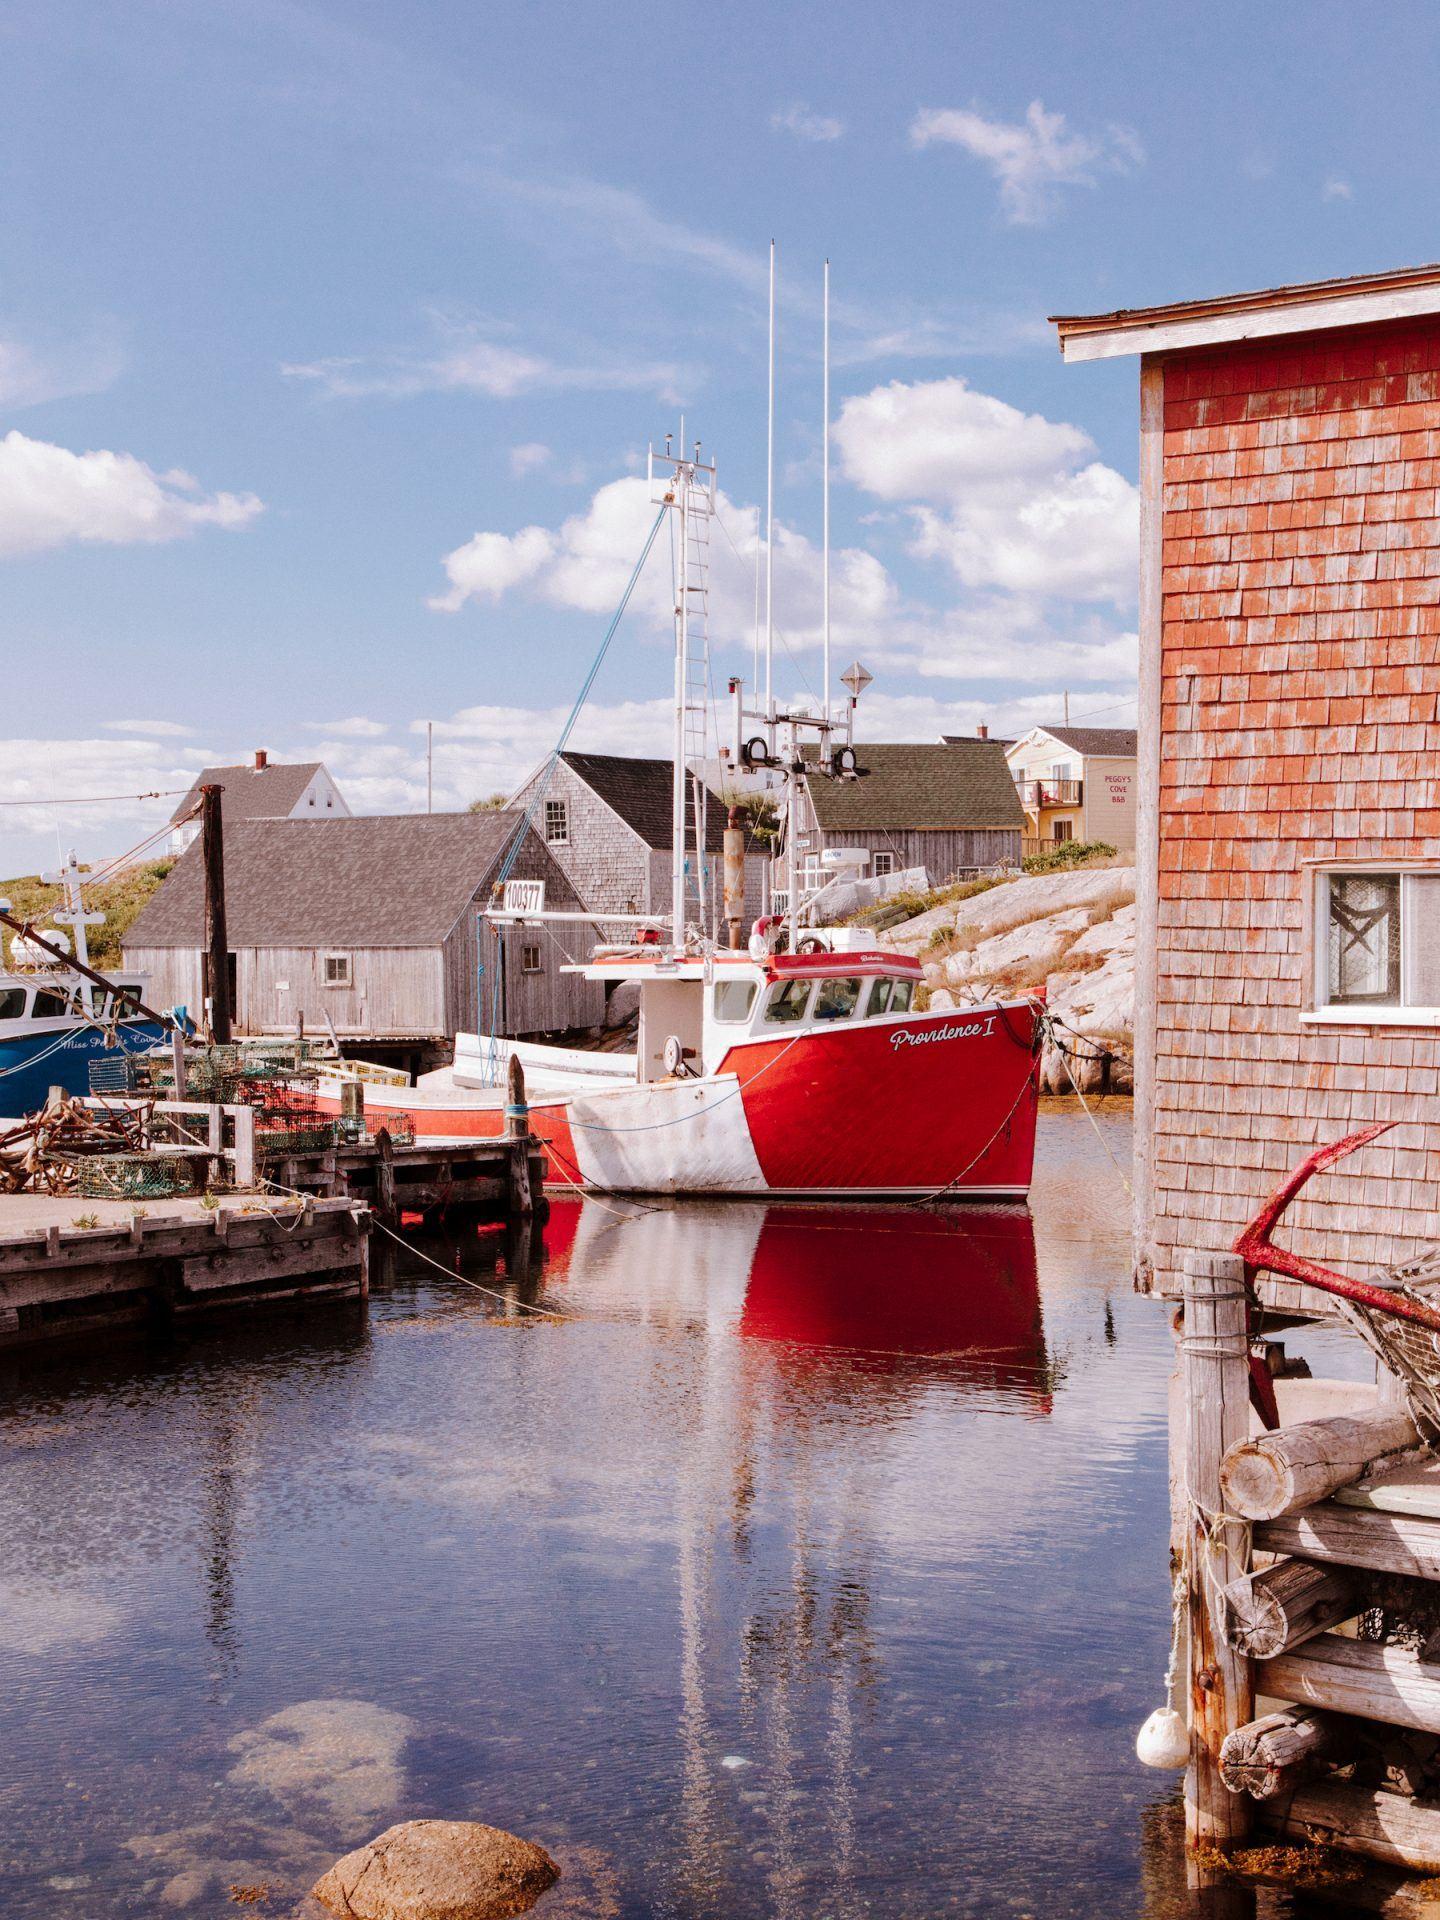 IGNANT-Photography-Landon-Speers-Nova-Scotia-011